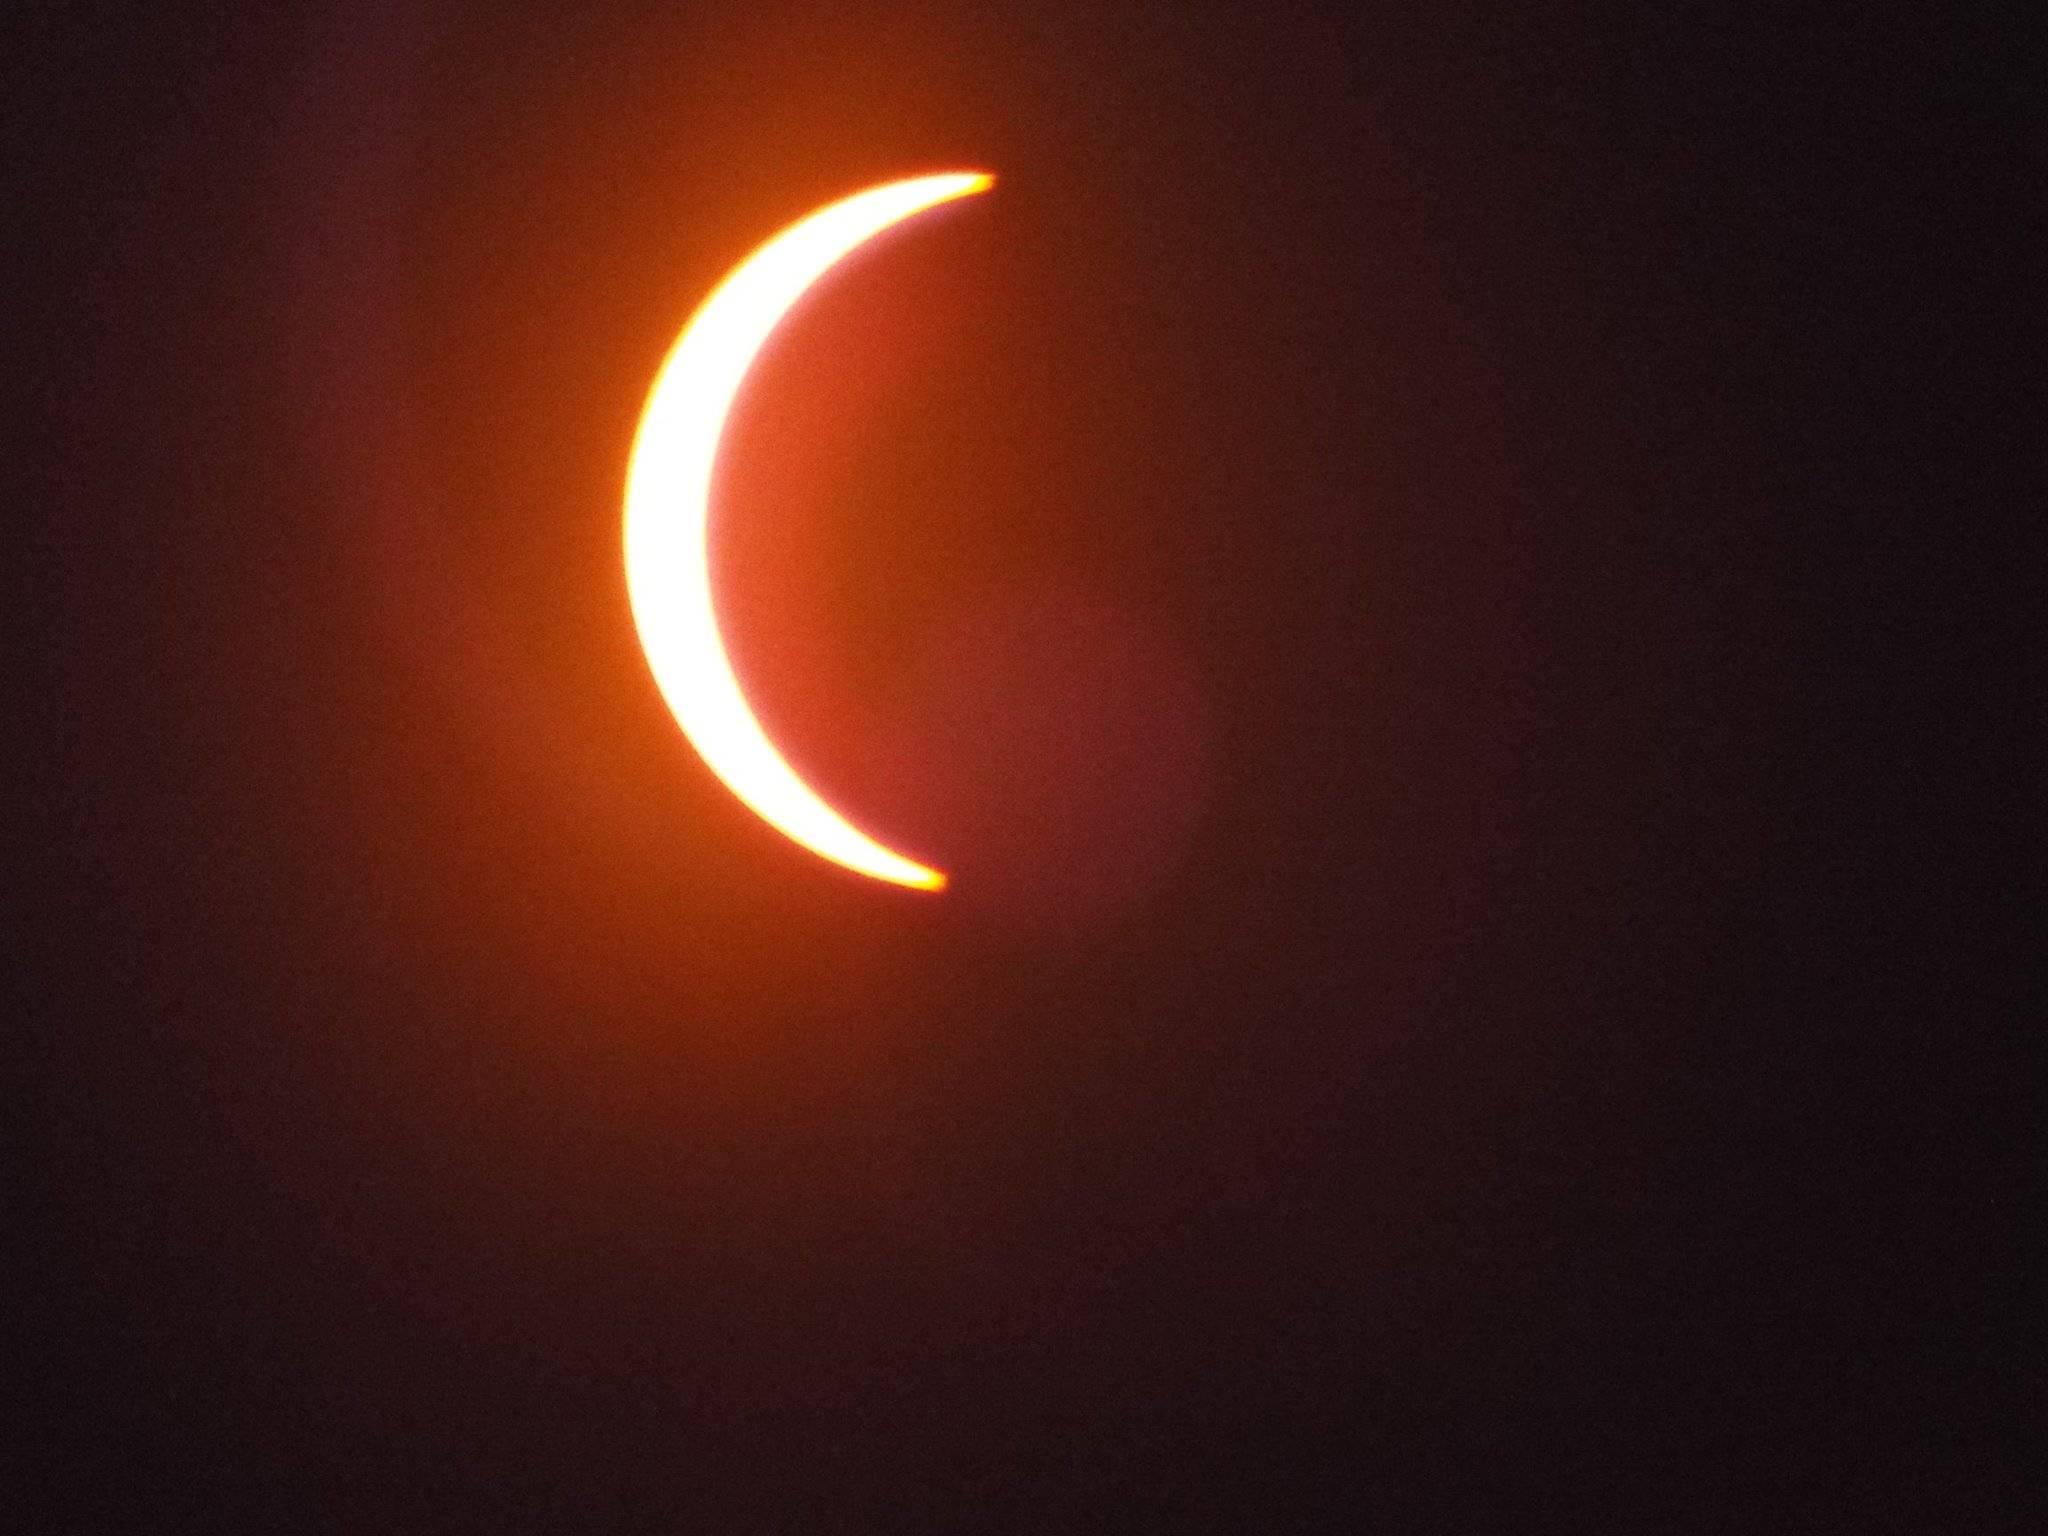 Cortesía del Observatorio Astronómico de UPR Humacao.